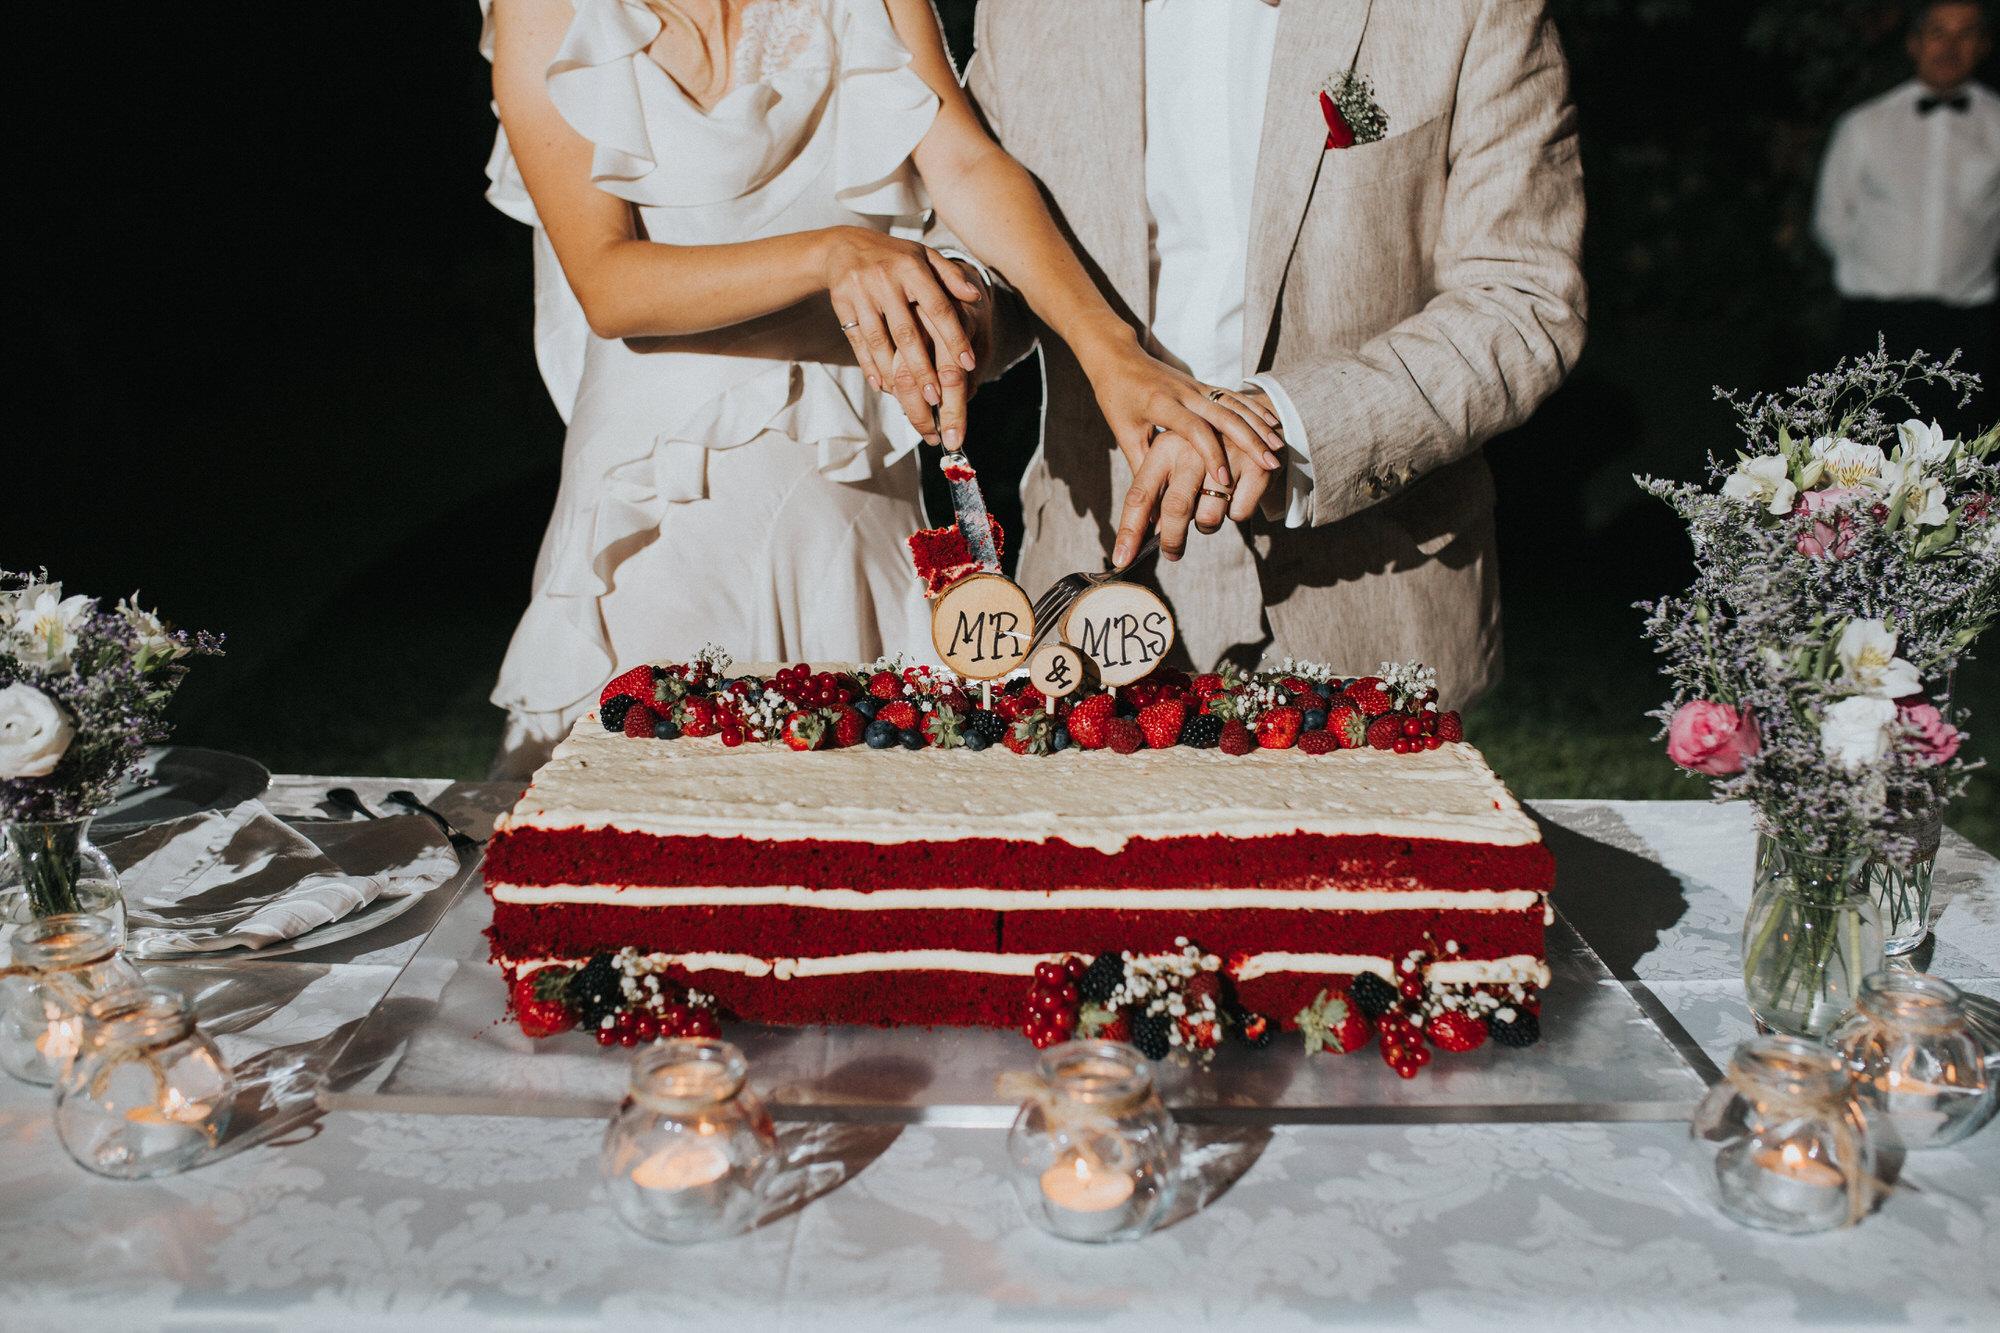 Filipe Santiago Fotografia-fotografo-malveira-lisboa-cascais-mafra-melhores-reportagem-wedding-photography-portugal-lisbon-best-natural-casamentos-lifestyle-bride-ideias-rustic-boho-hair-mackup-damas-preparativos-preparations-bridemaids-dress-shoes-bouquet-trends-church-cerimony-saida-igreja-dicas-session-welcome-best-venue-quinta-monte-redondo-melhores quintas-decor-decoração-night-lights-cake-bolo-corte